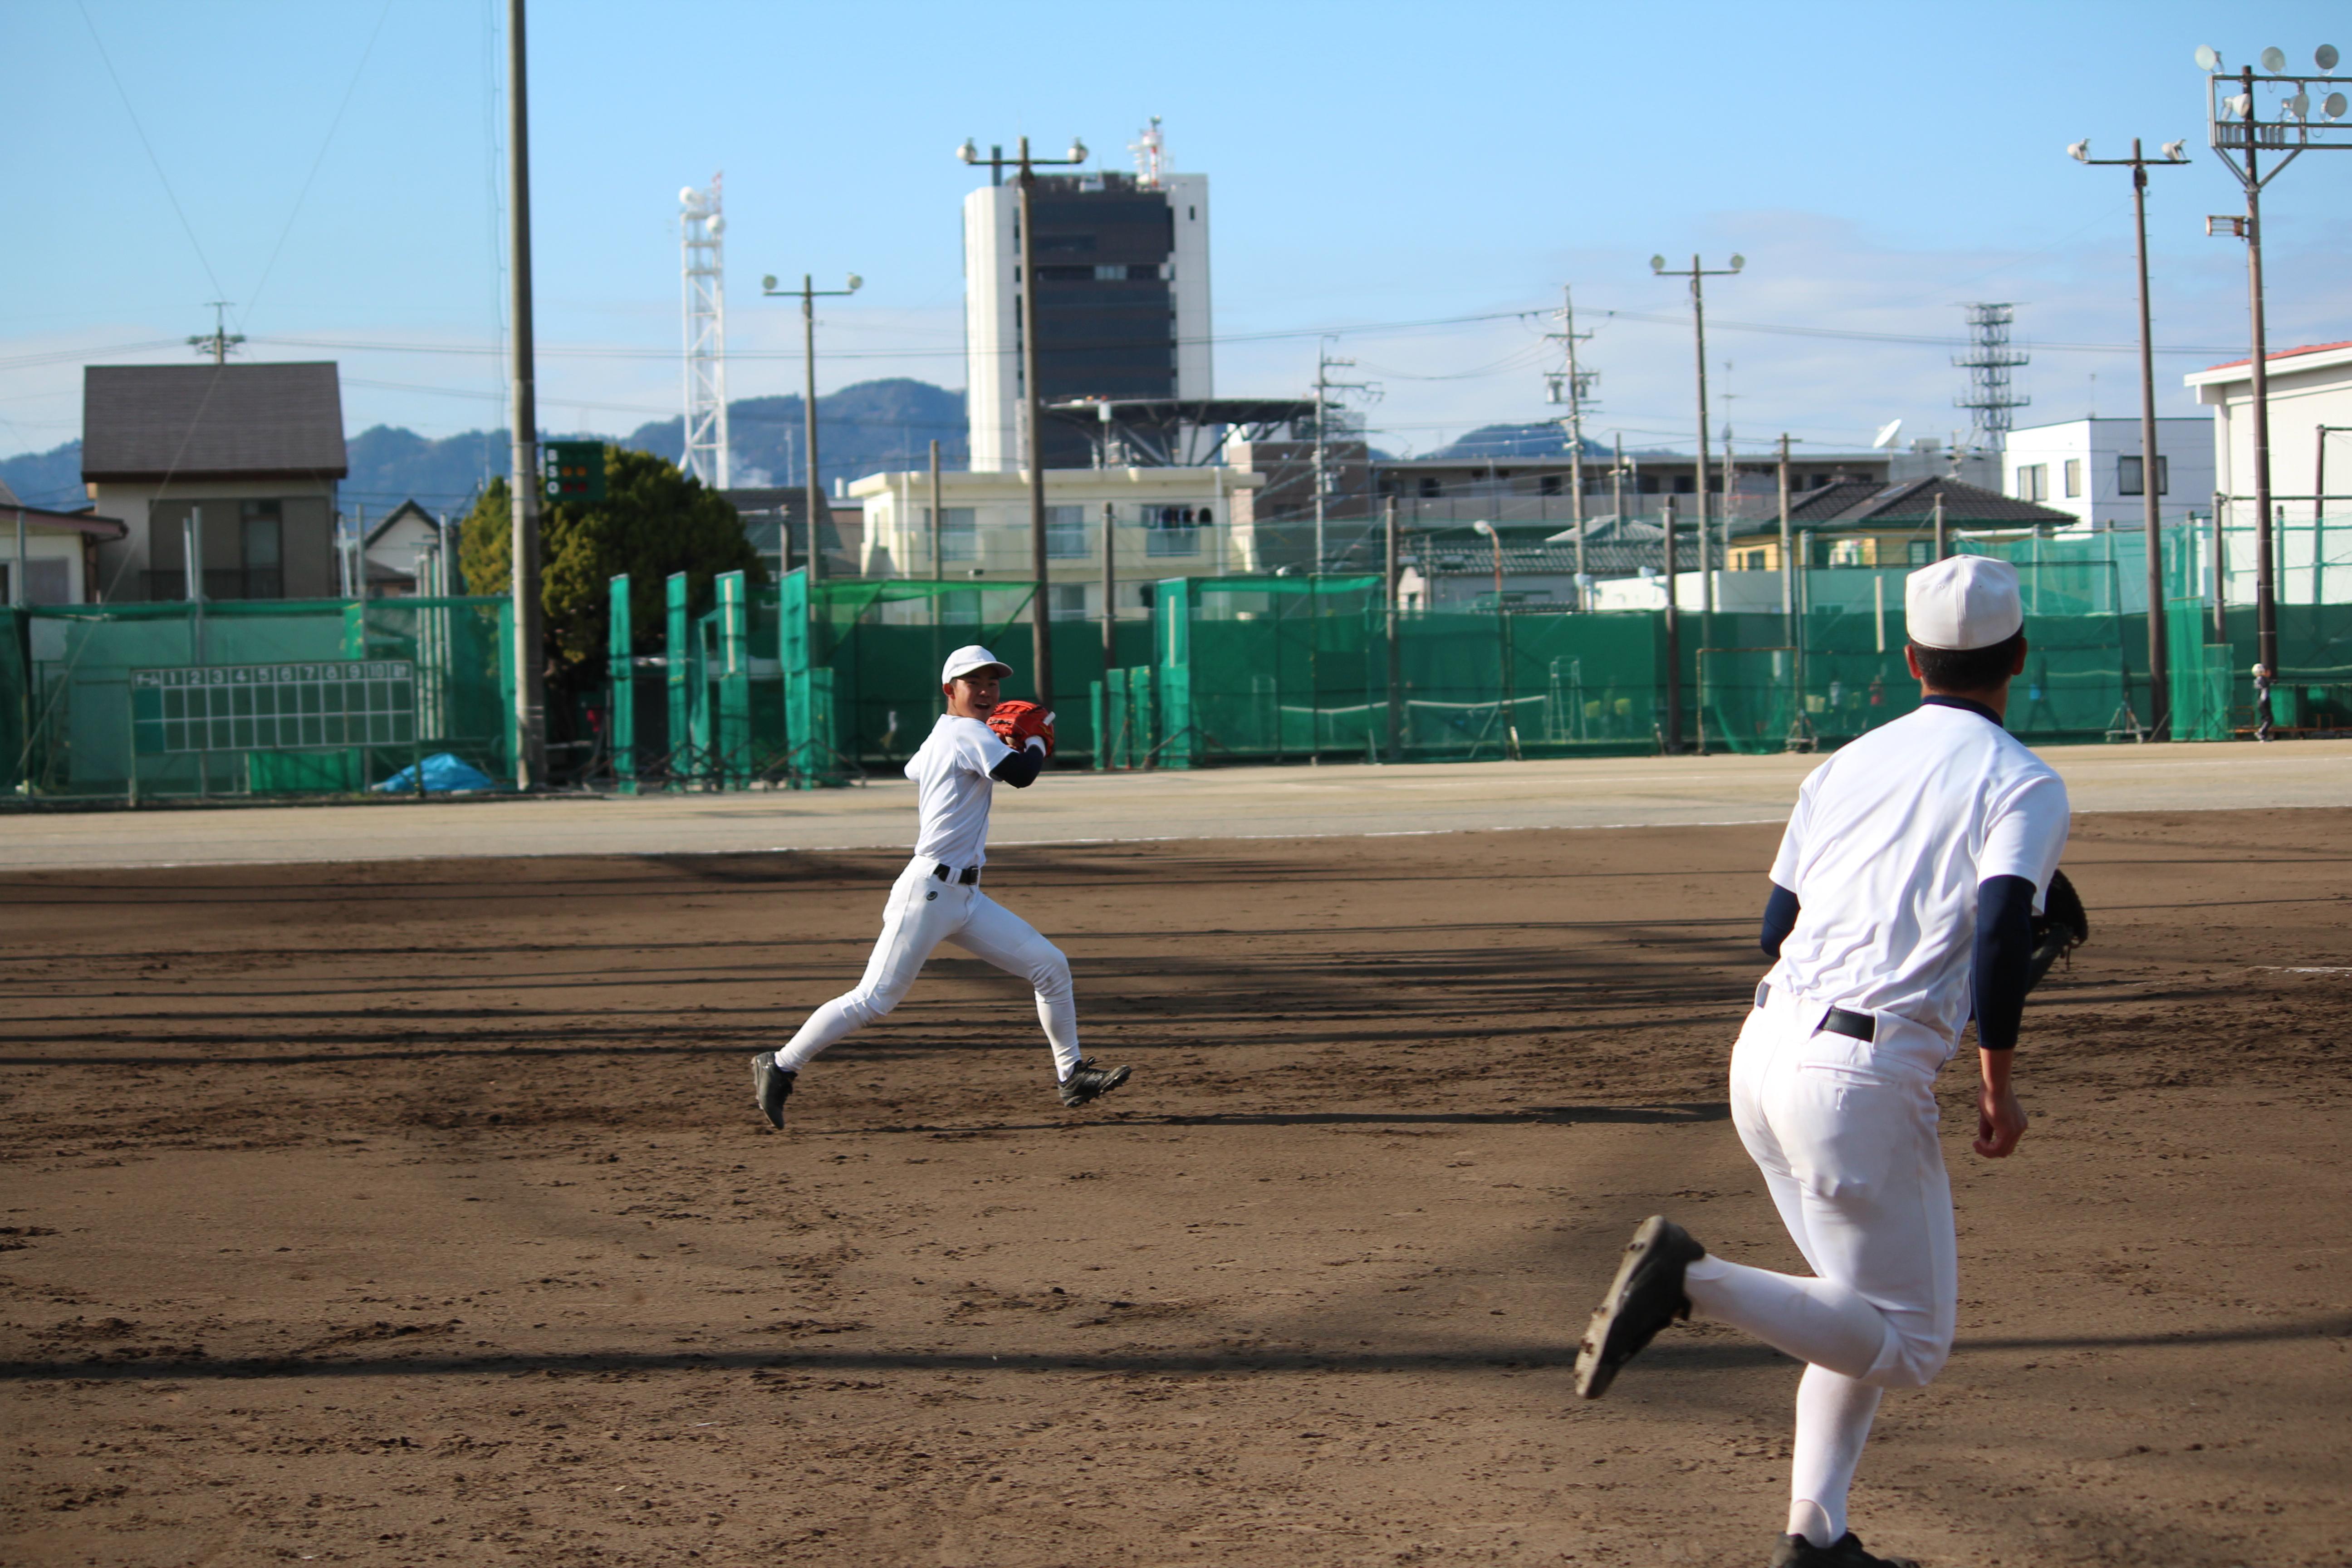 【駿河総合 野球部】ランニングキャッチボール